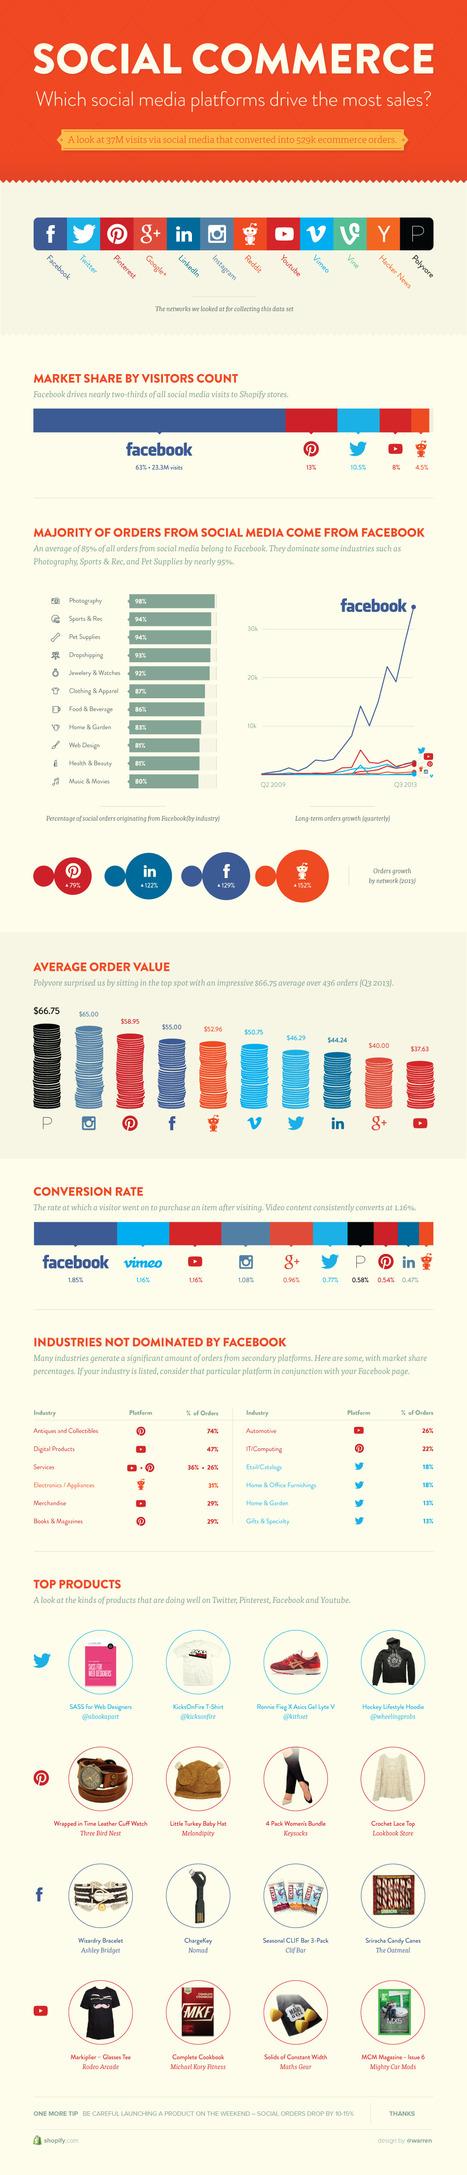 Social e-commerce : les réseaux sociaux qui génèrent le plus (et le moins) de ventes | Time to Learn | Scoop.it